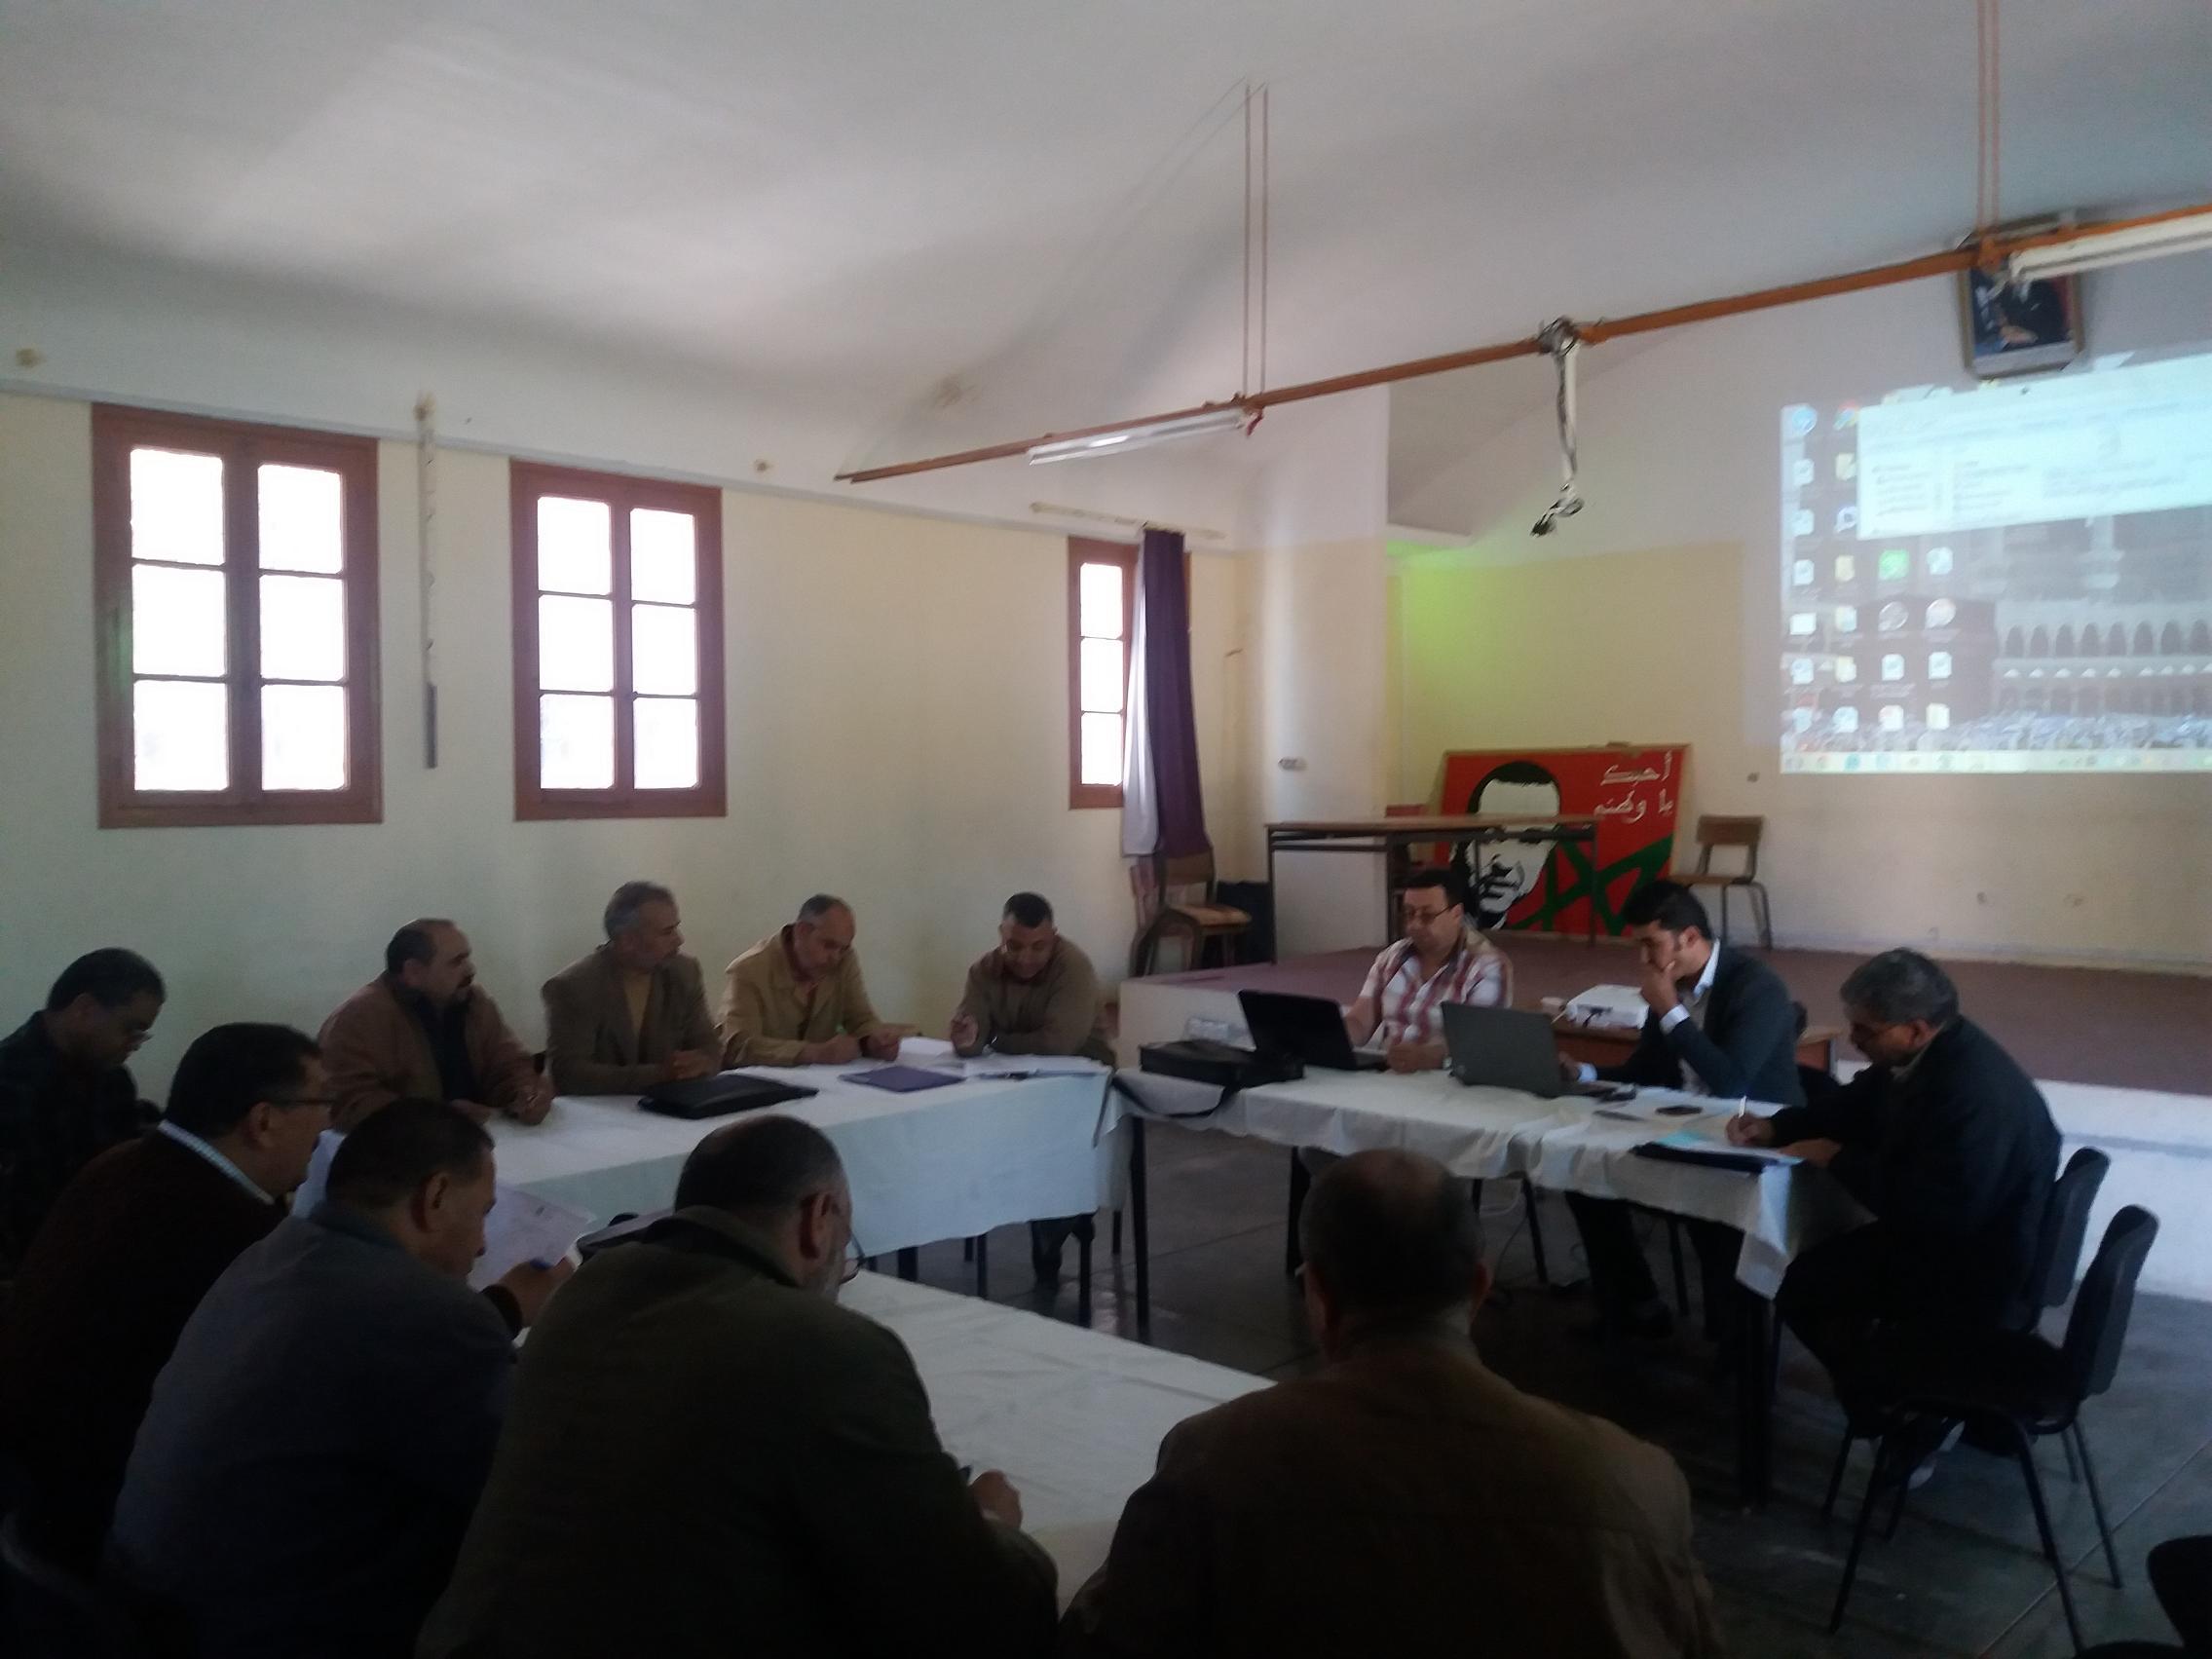 لقاءات تواصلية لجماعات الممارسات المهنية بمديرية تيزنيت حول تدبير العتبات بين الأسلاك